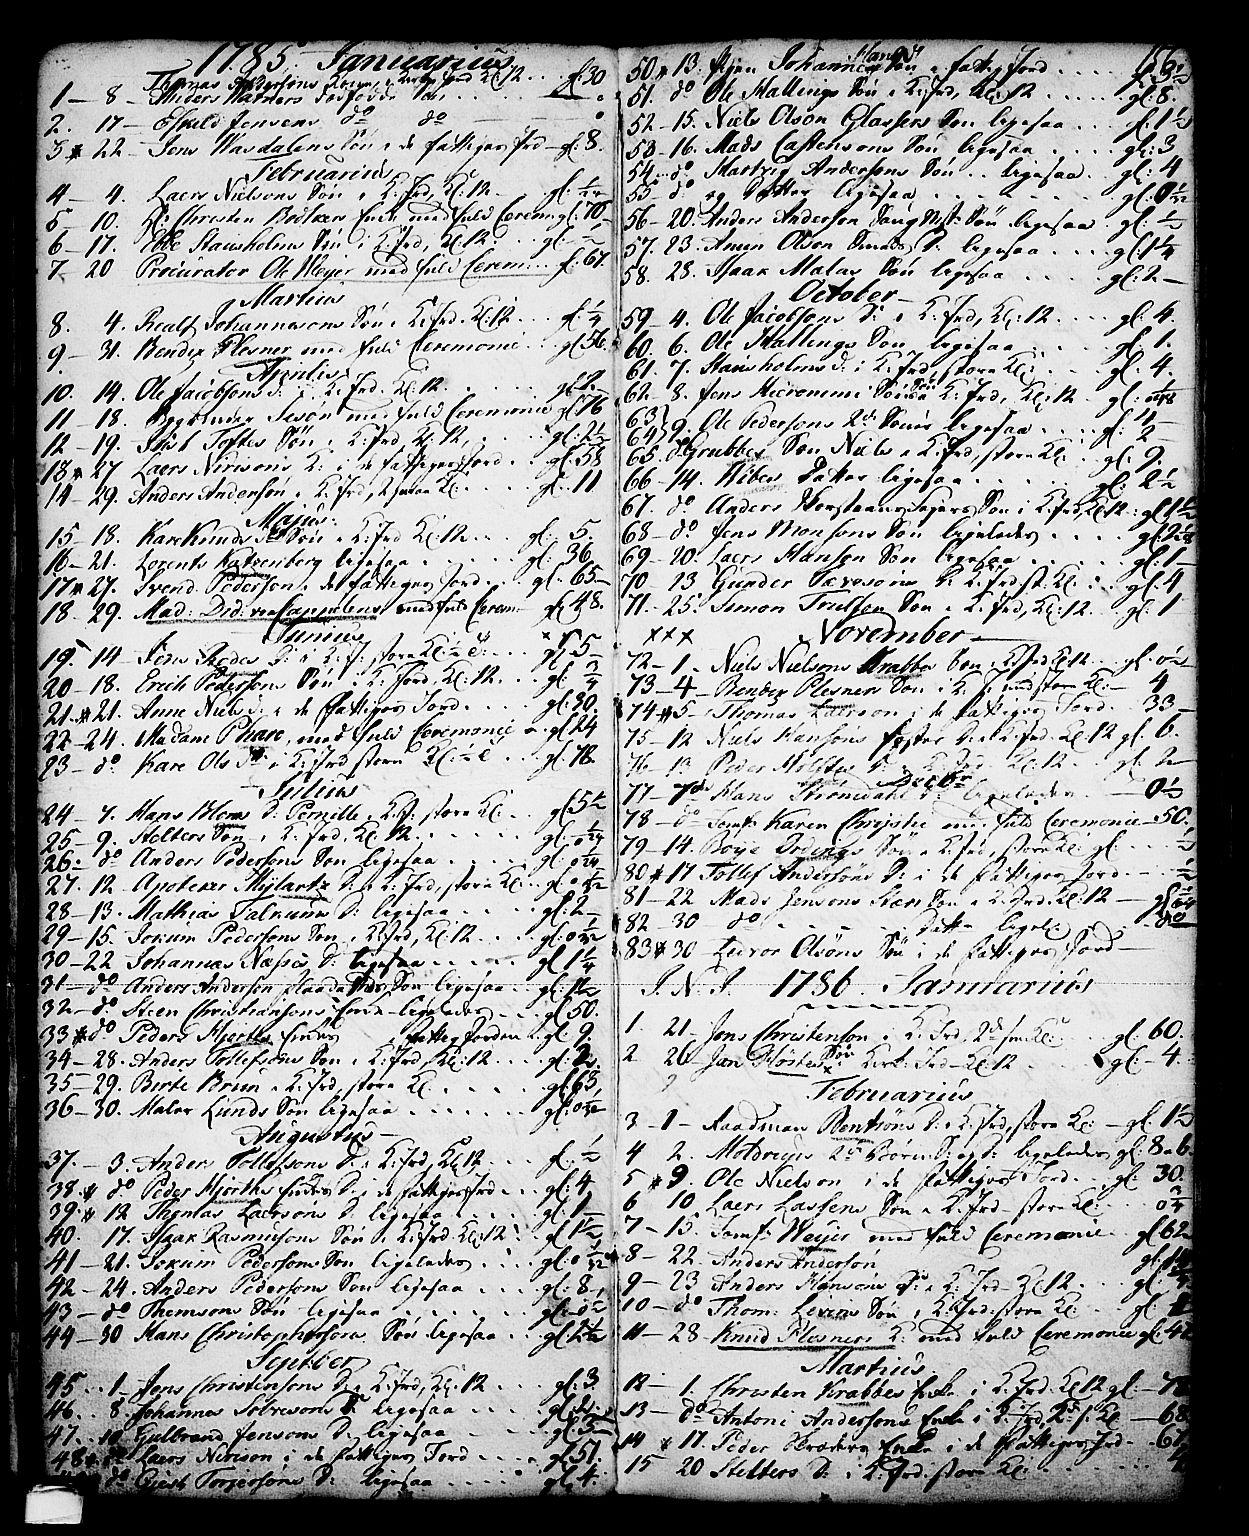 SAKO, Skien kirkebøker, G/Ga/L0001: Klokkerbok nr. 1, 1756-1791, s. 156